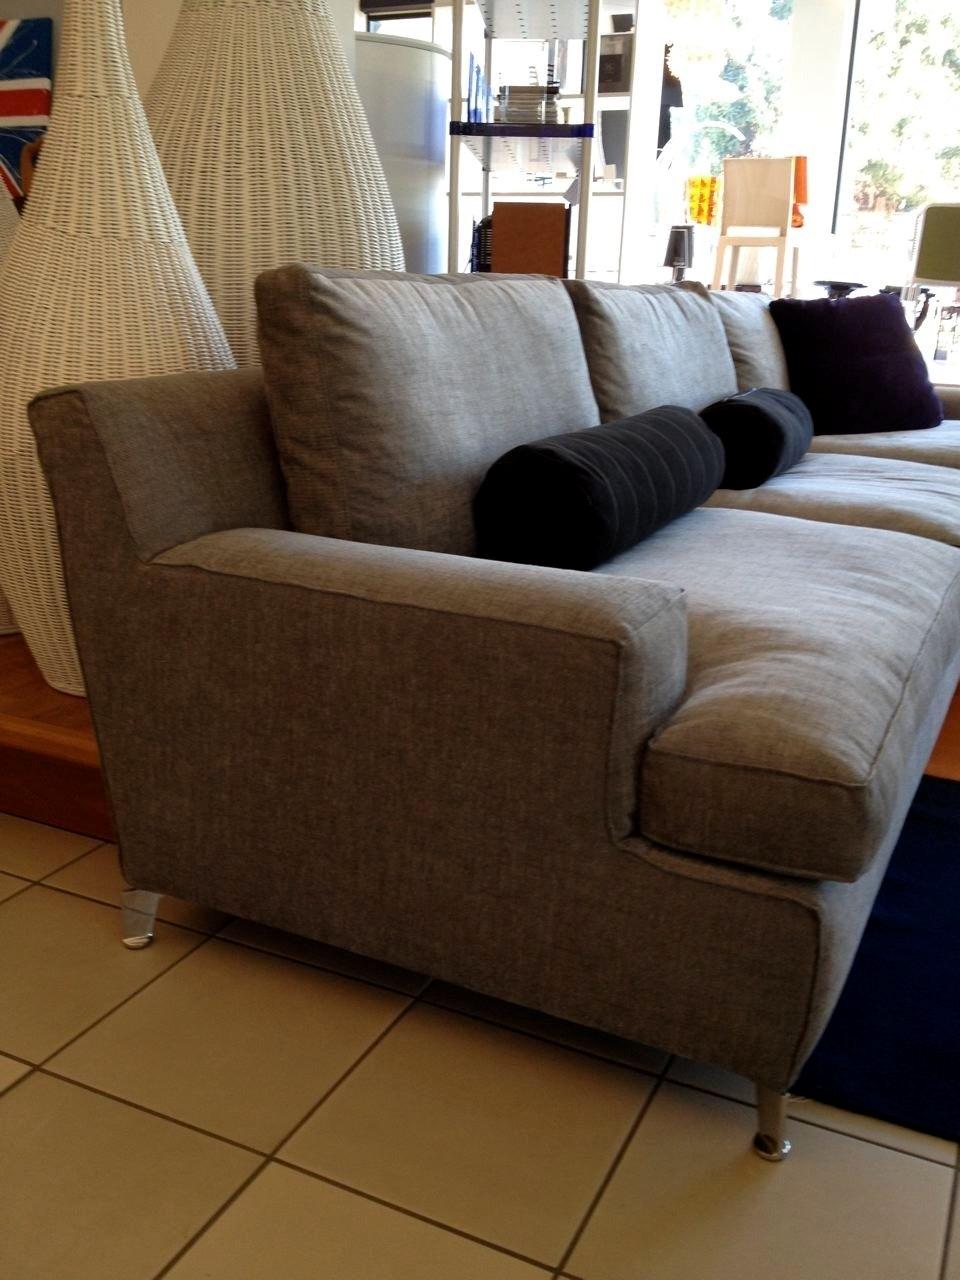 divano scontato arketipo divani a prezzi scontati